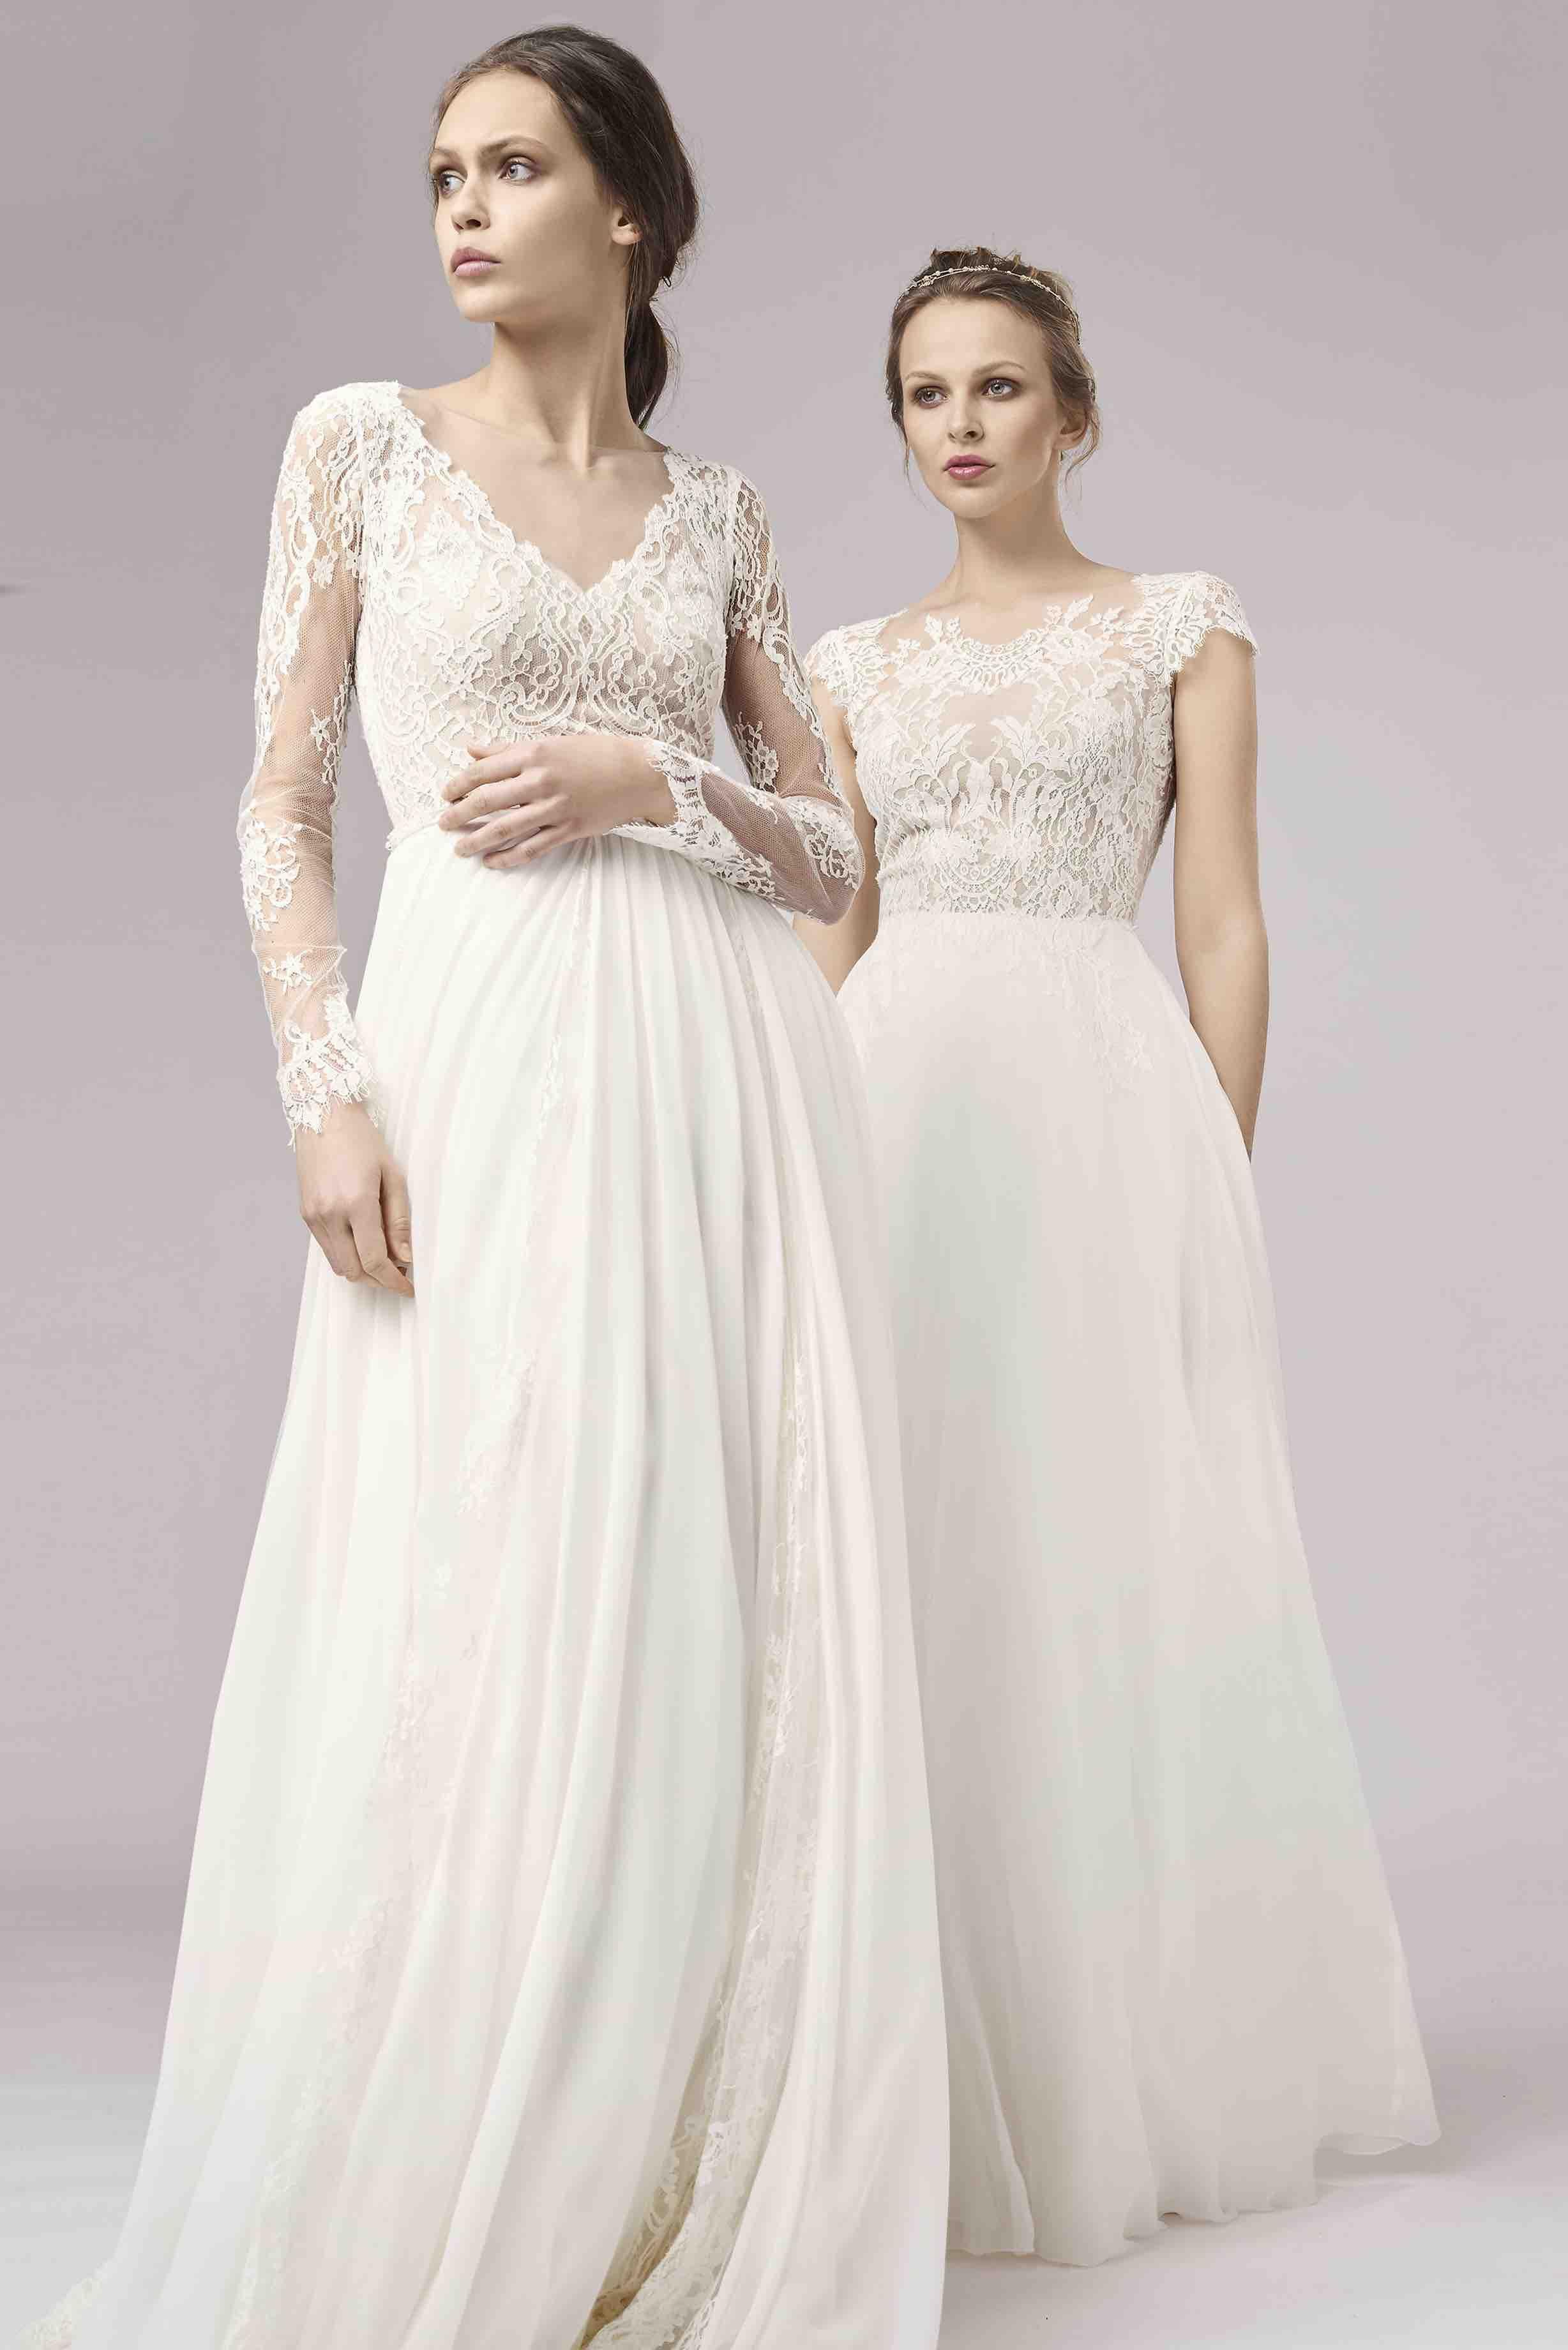 Anna Kara Die Brautkleider der polnischen Designerin ANNA KARA